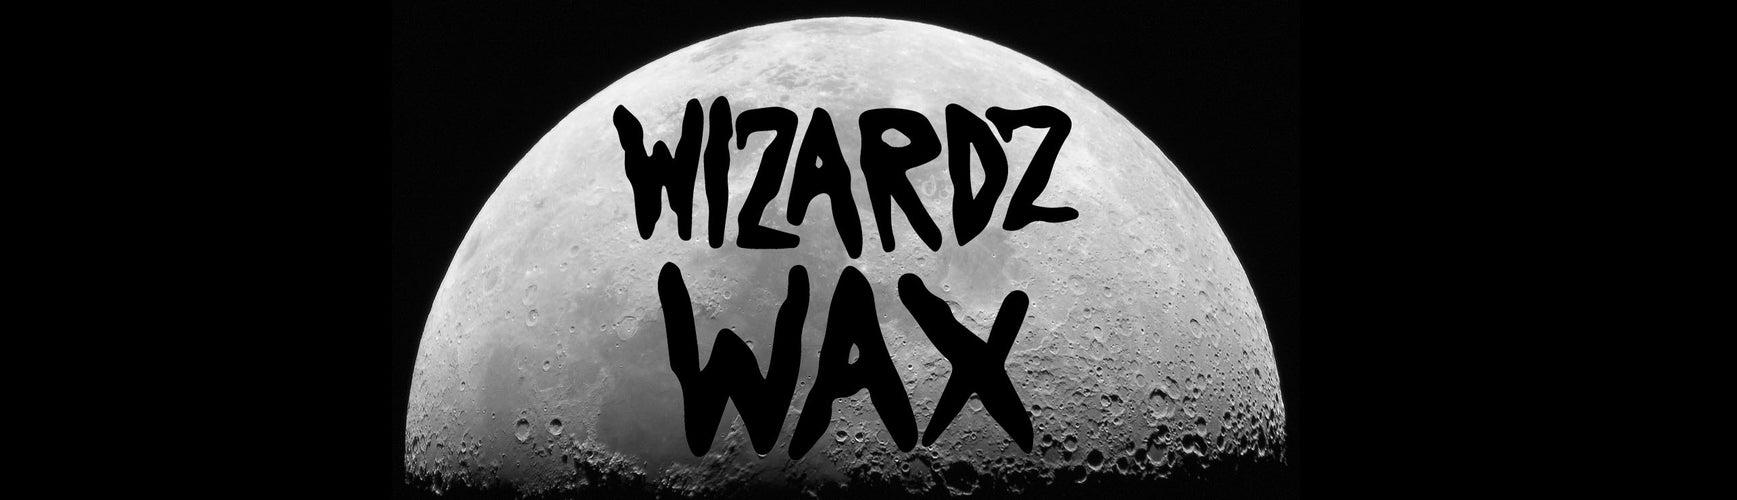 WizardzWax